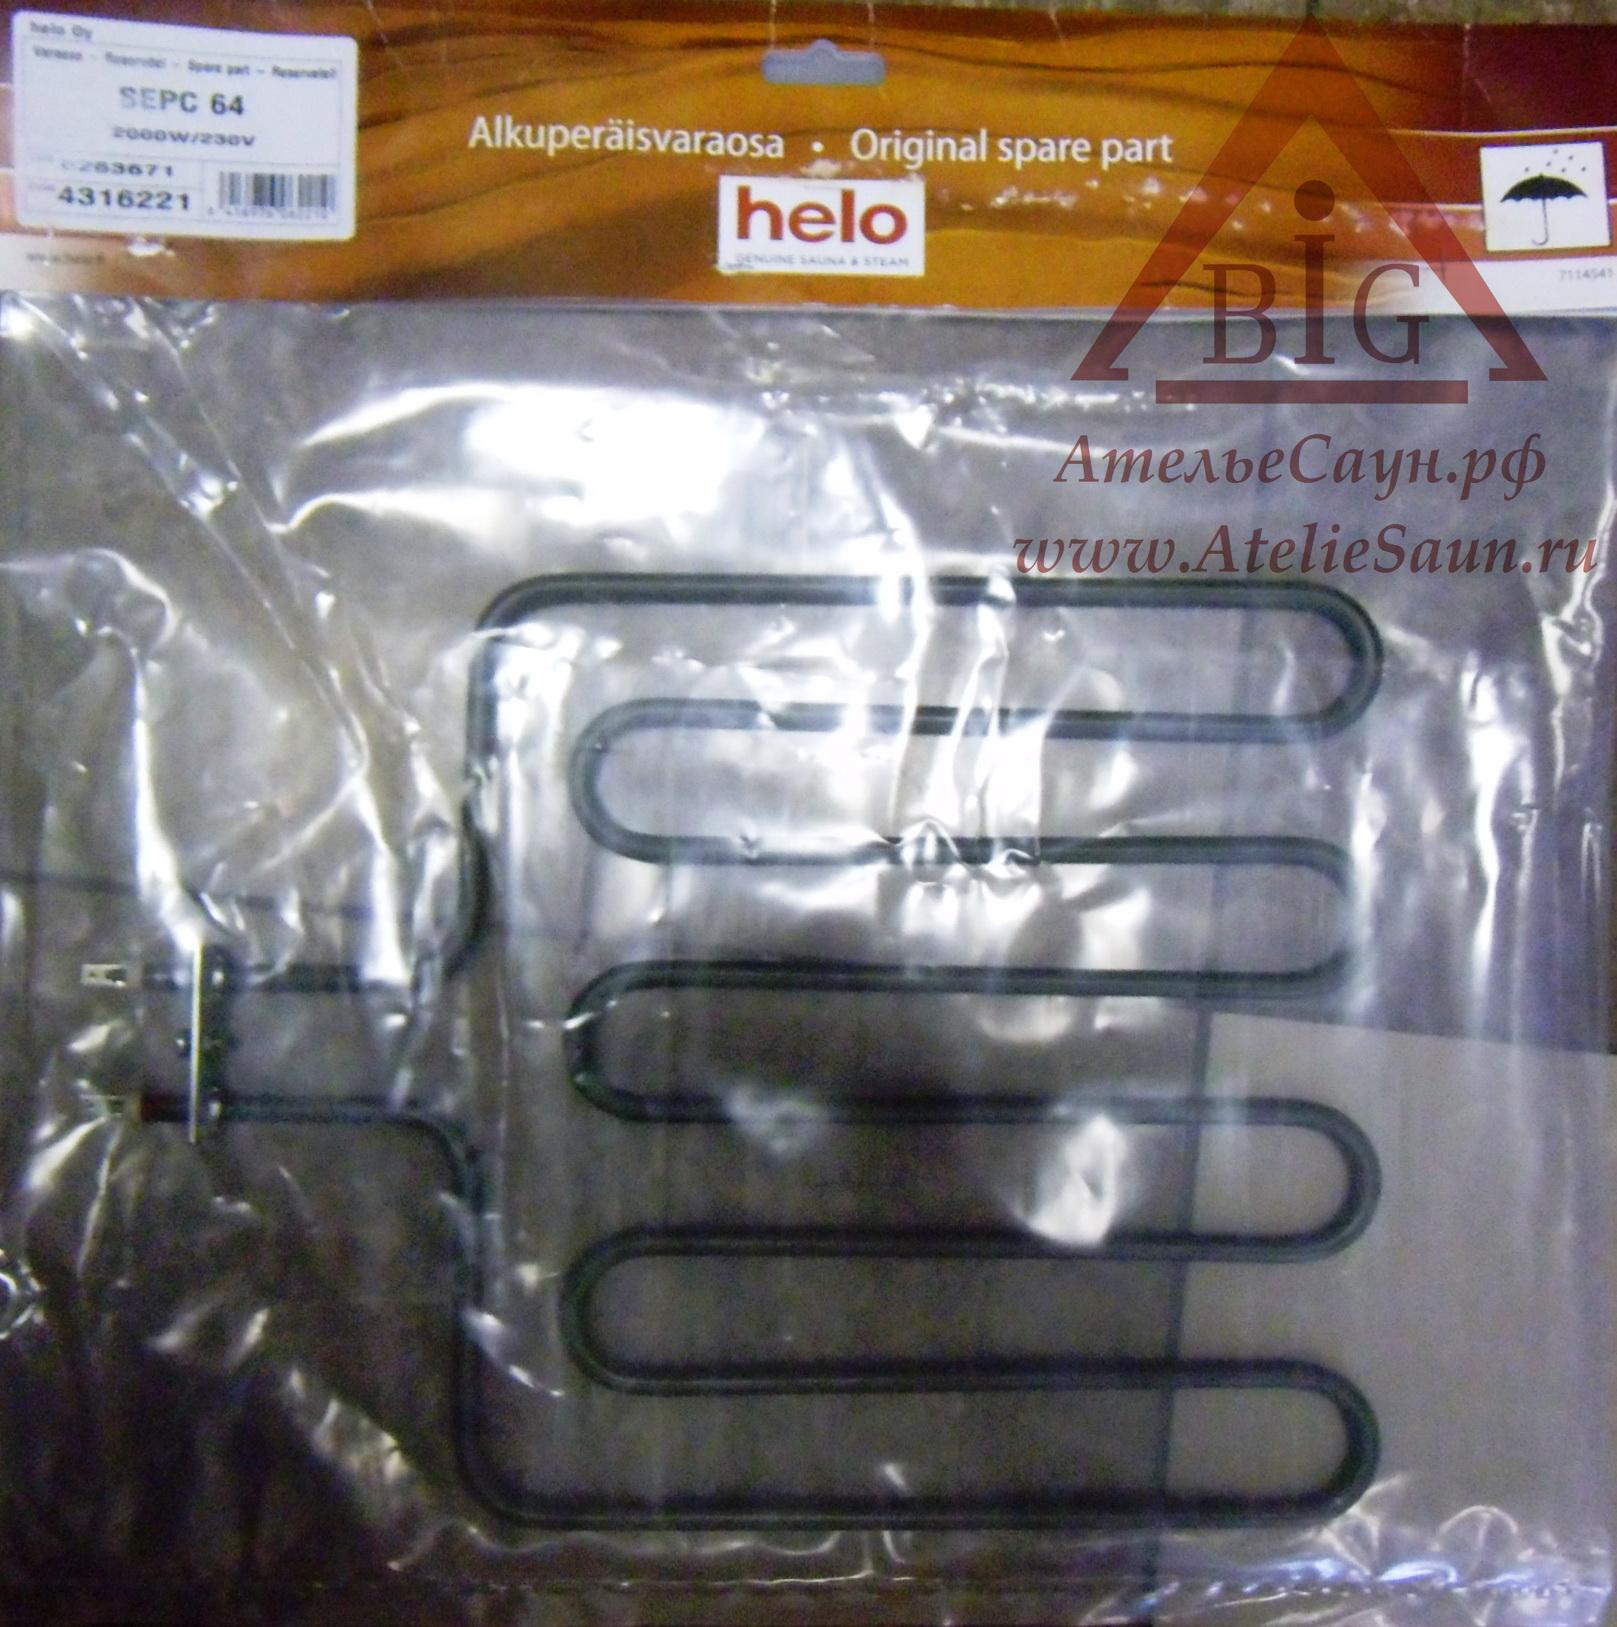 ТЭН Helo SEPC 64 (2000 W, для печи Cup 60 ST)